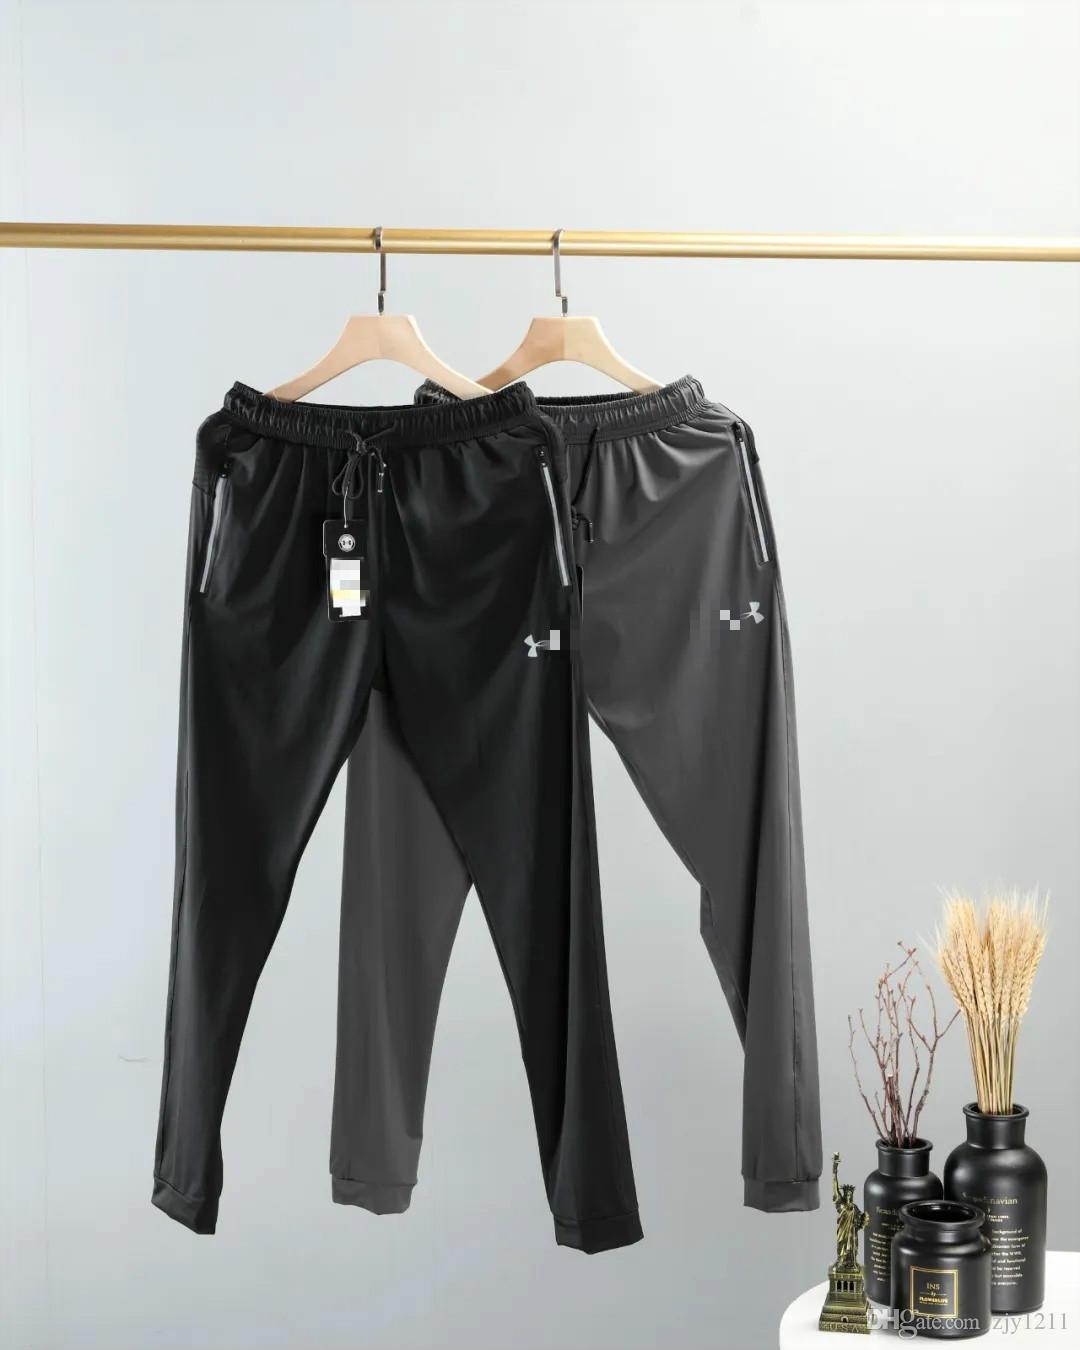 2020 yeni erkek tasarımcı pantolon rahat spor çabuk kuruyan streç pantolon pantolon çok yönlü yansıtıcı logo ve cep 3M Hafif